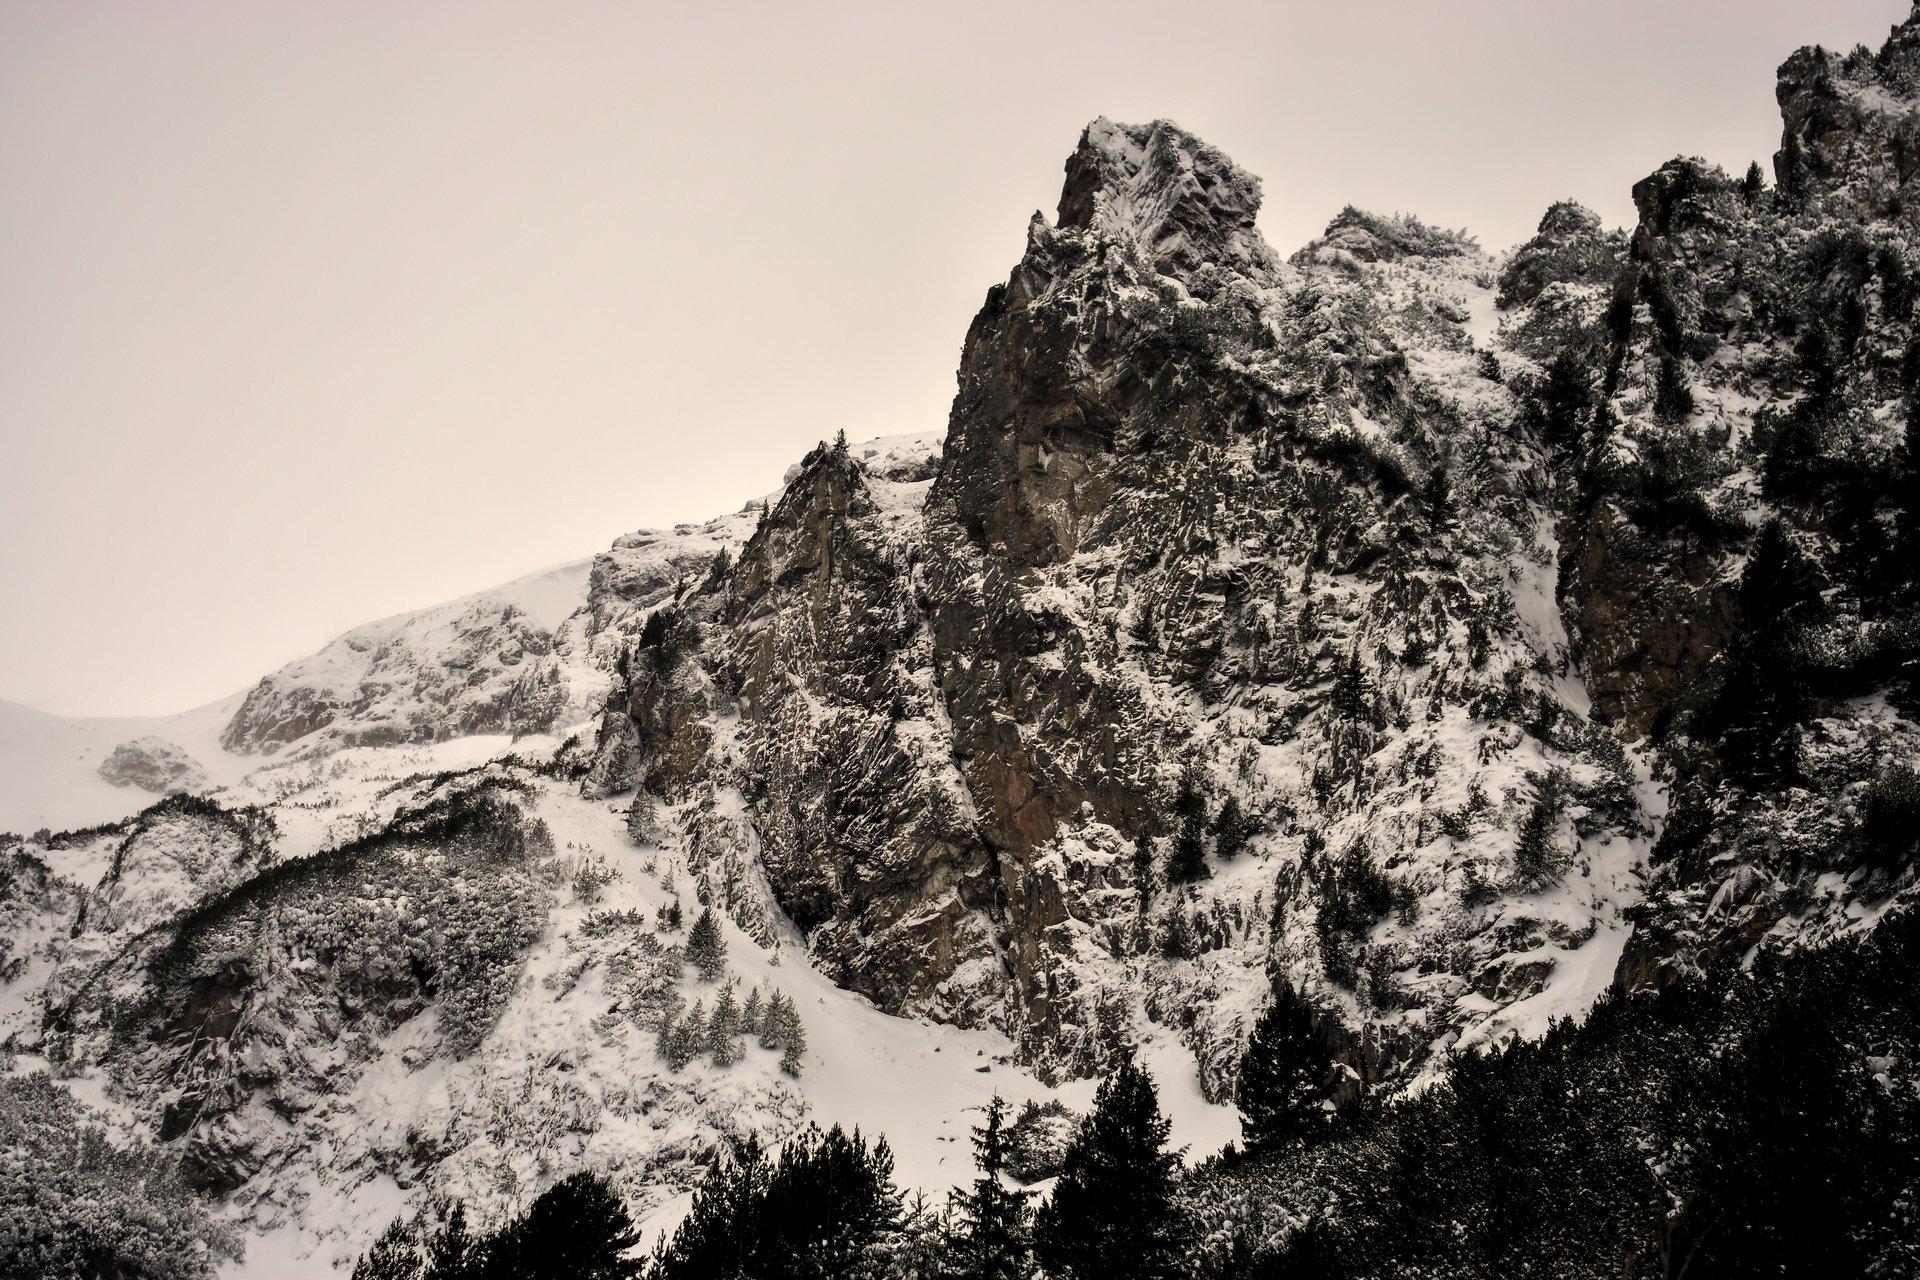 Мальовишка долина | Author Milen Metodiev - calm | PHOTO FORUM